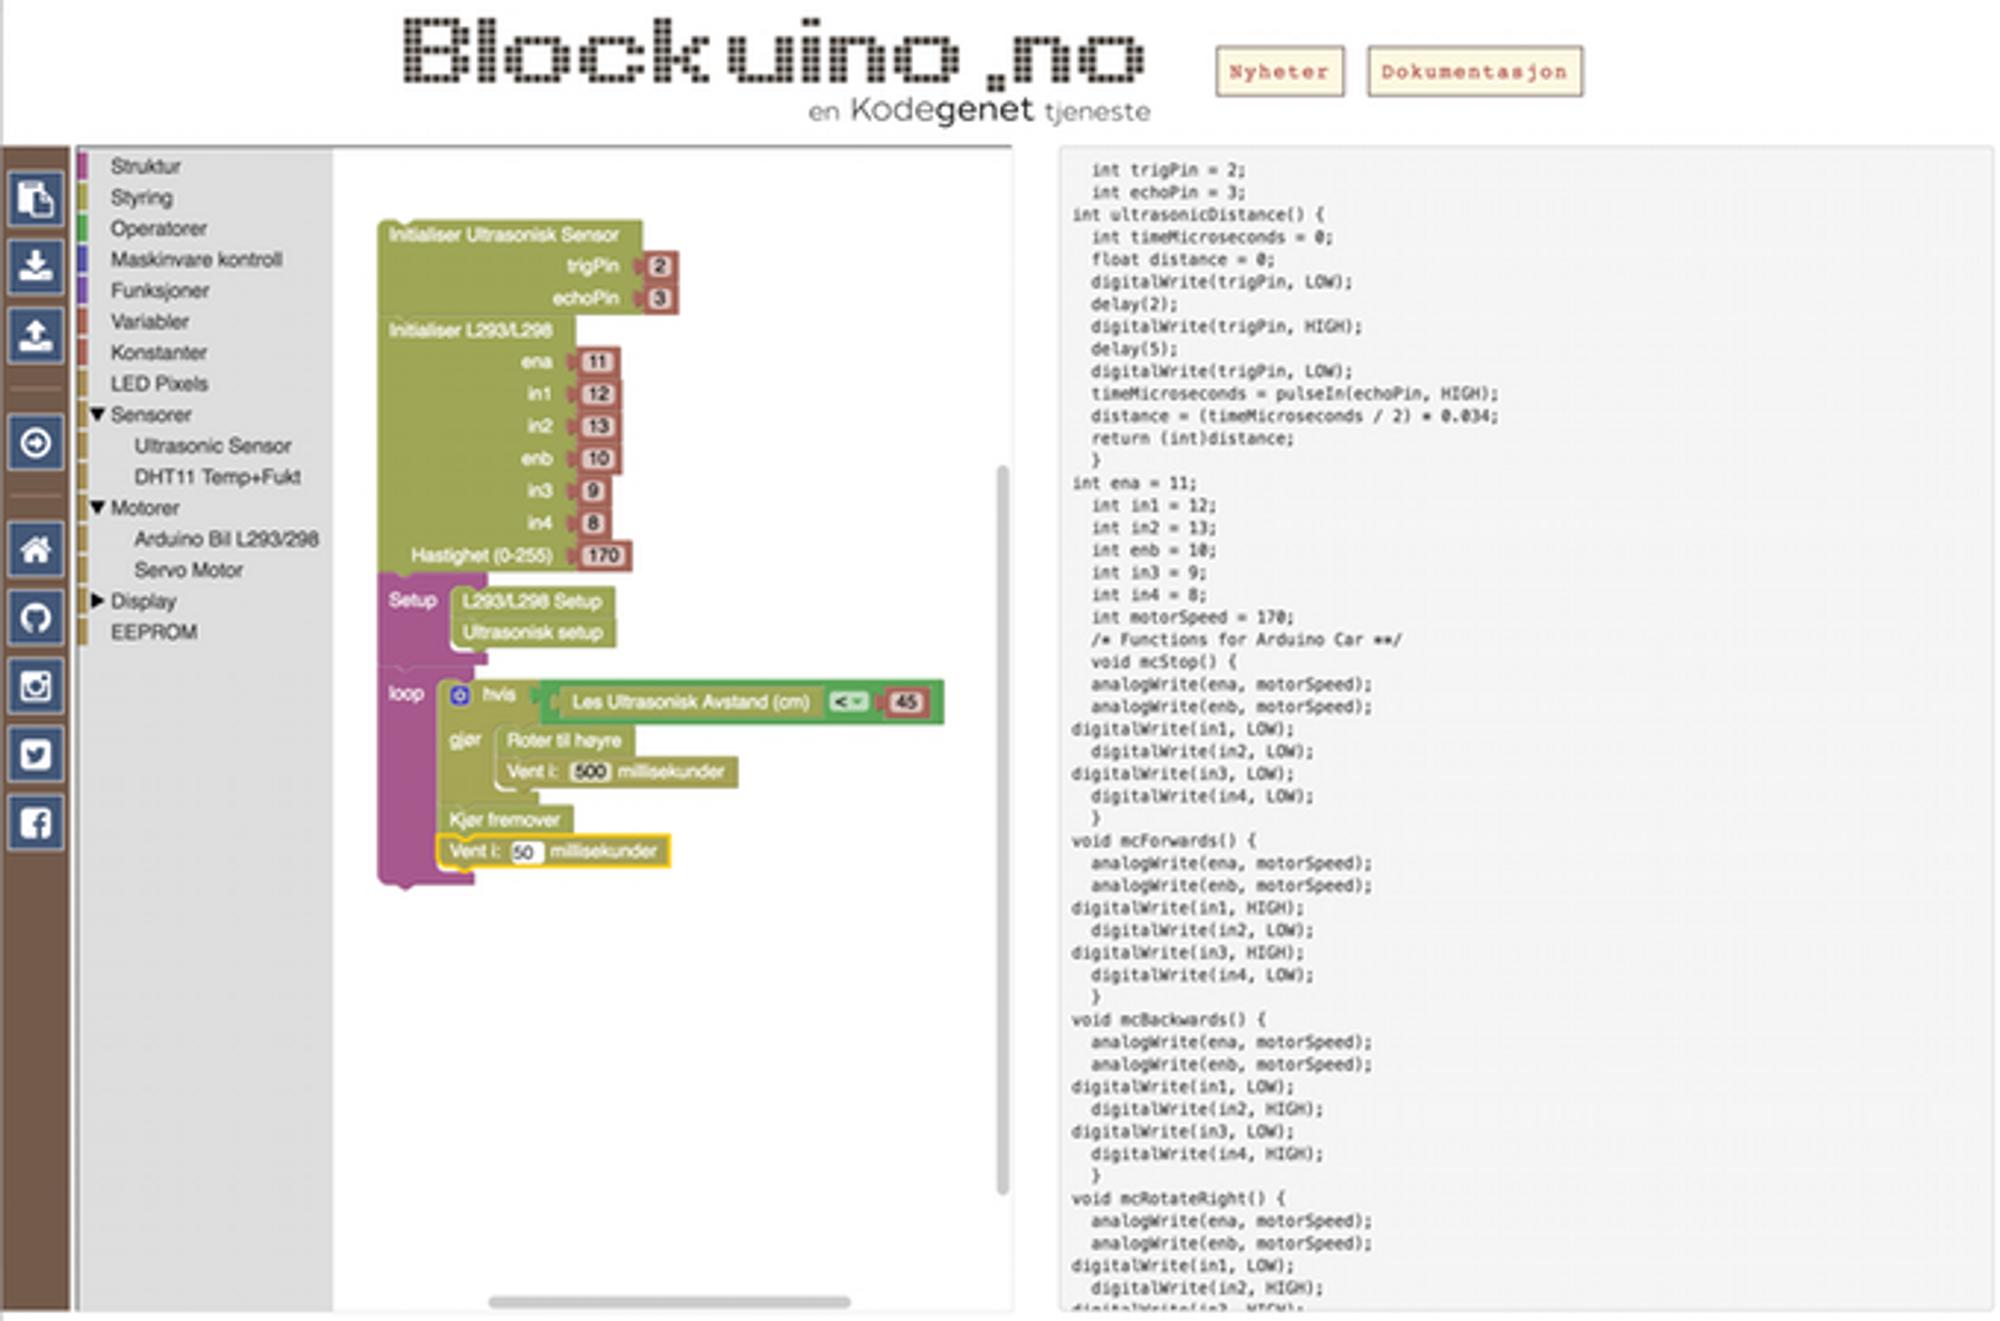 Blockuino gjør arduinoprogrammeringen enkelt for nybegynnere, mener Teknolab som har basert hele prosjektet på åpen kildekode.